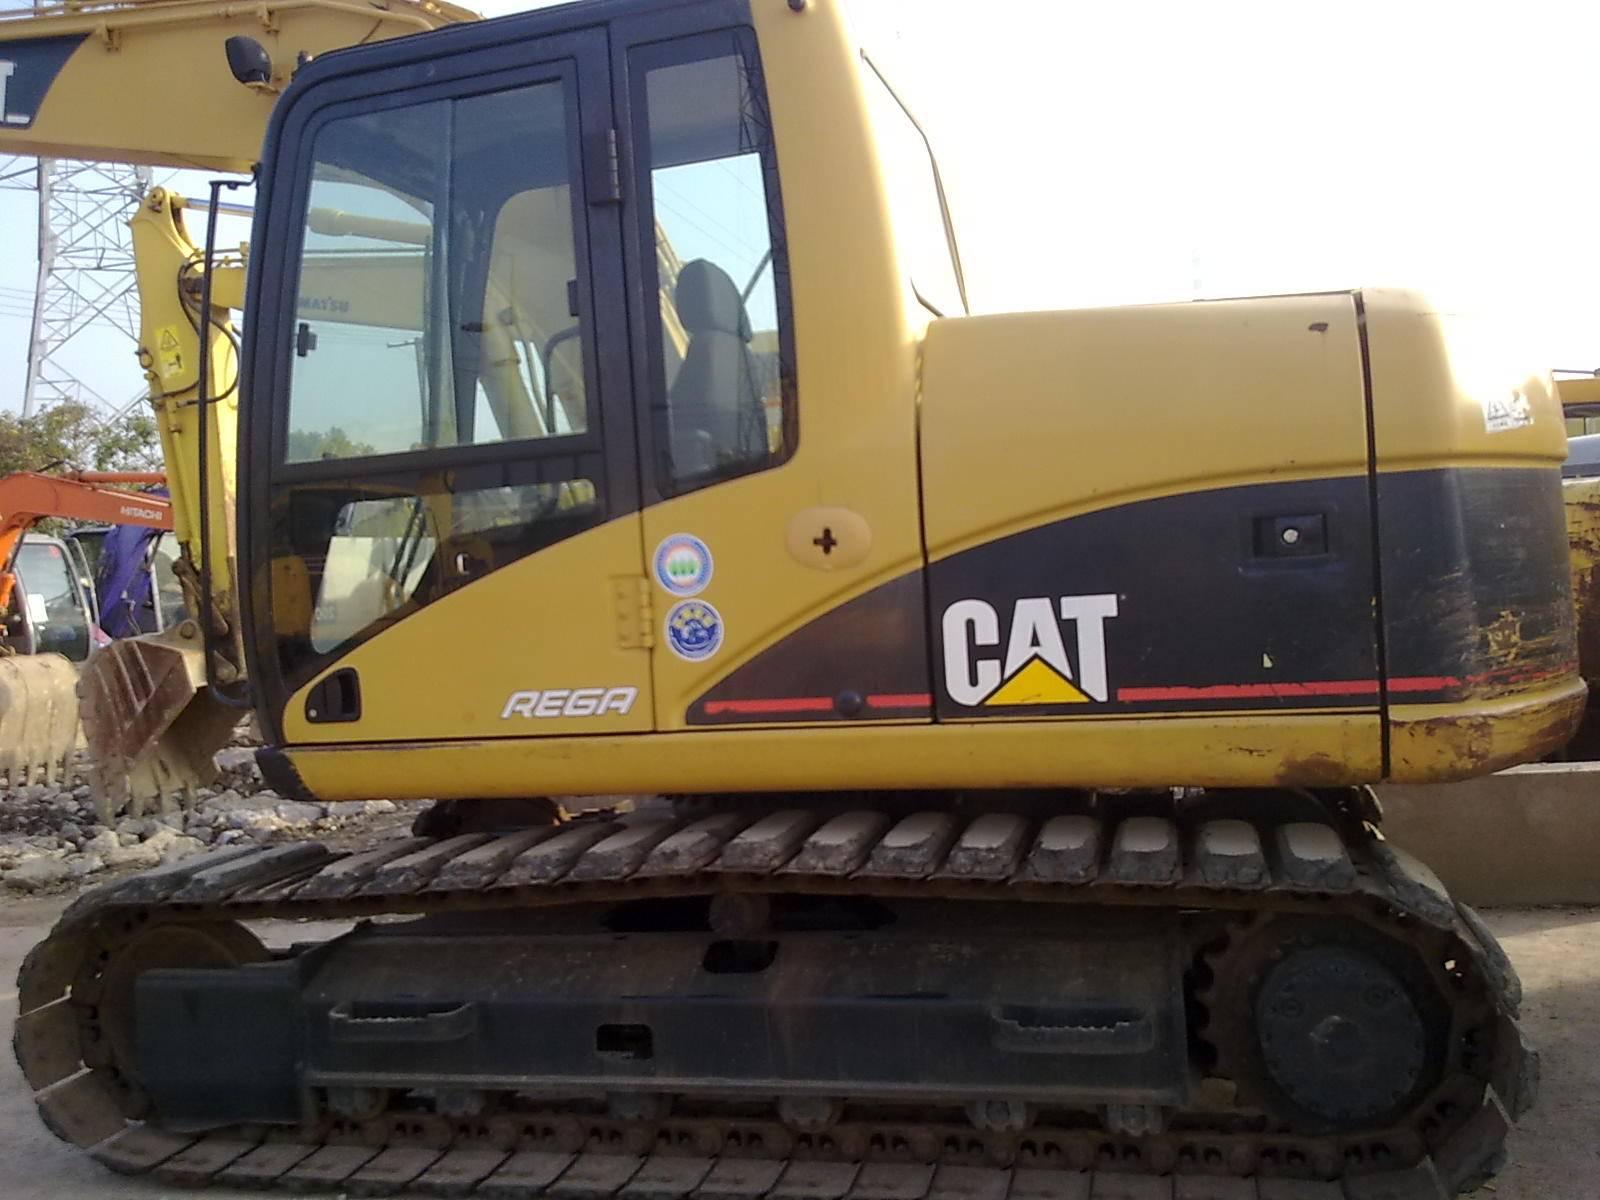 Used Cat excavator 325C sale